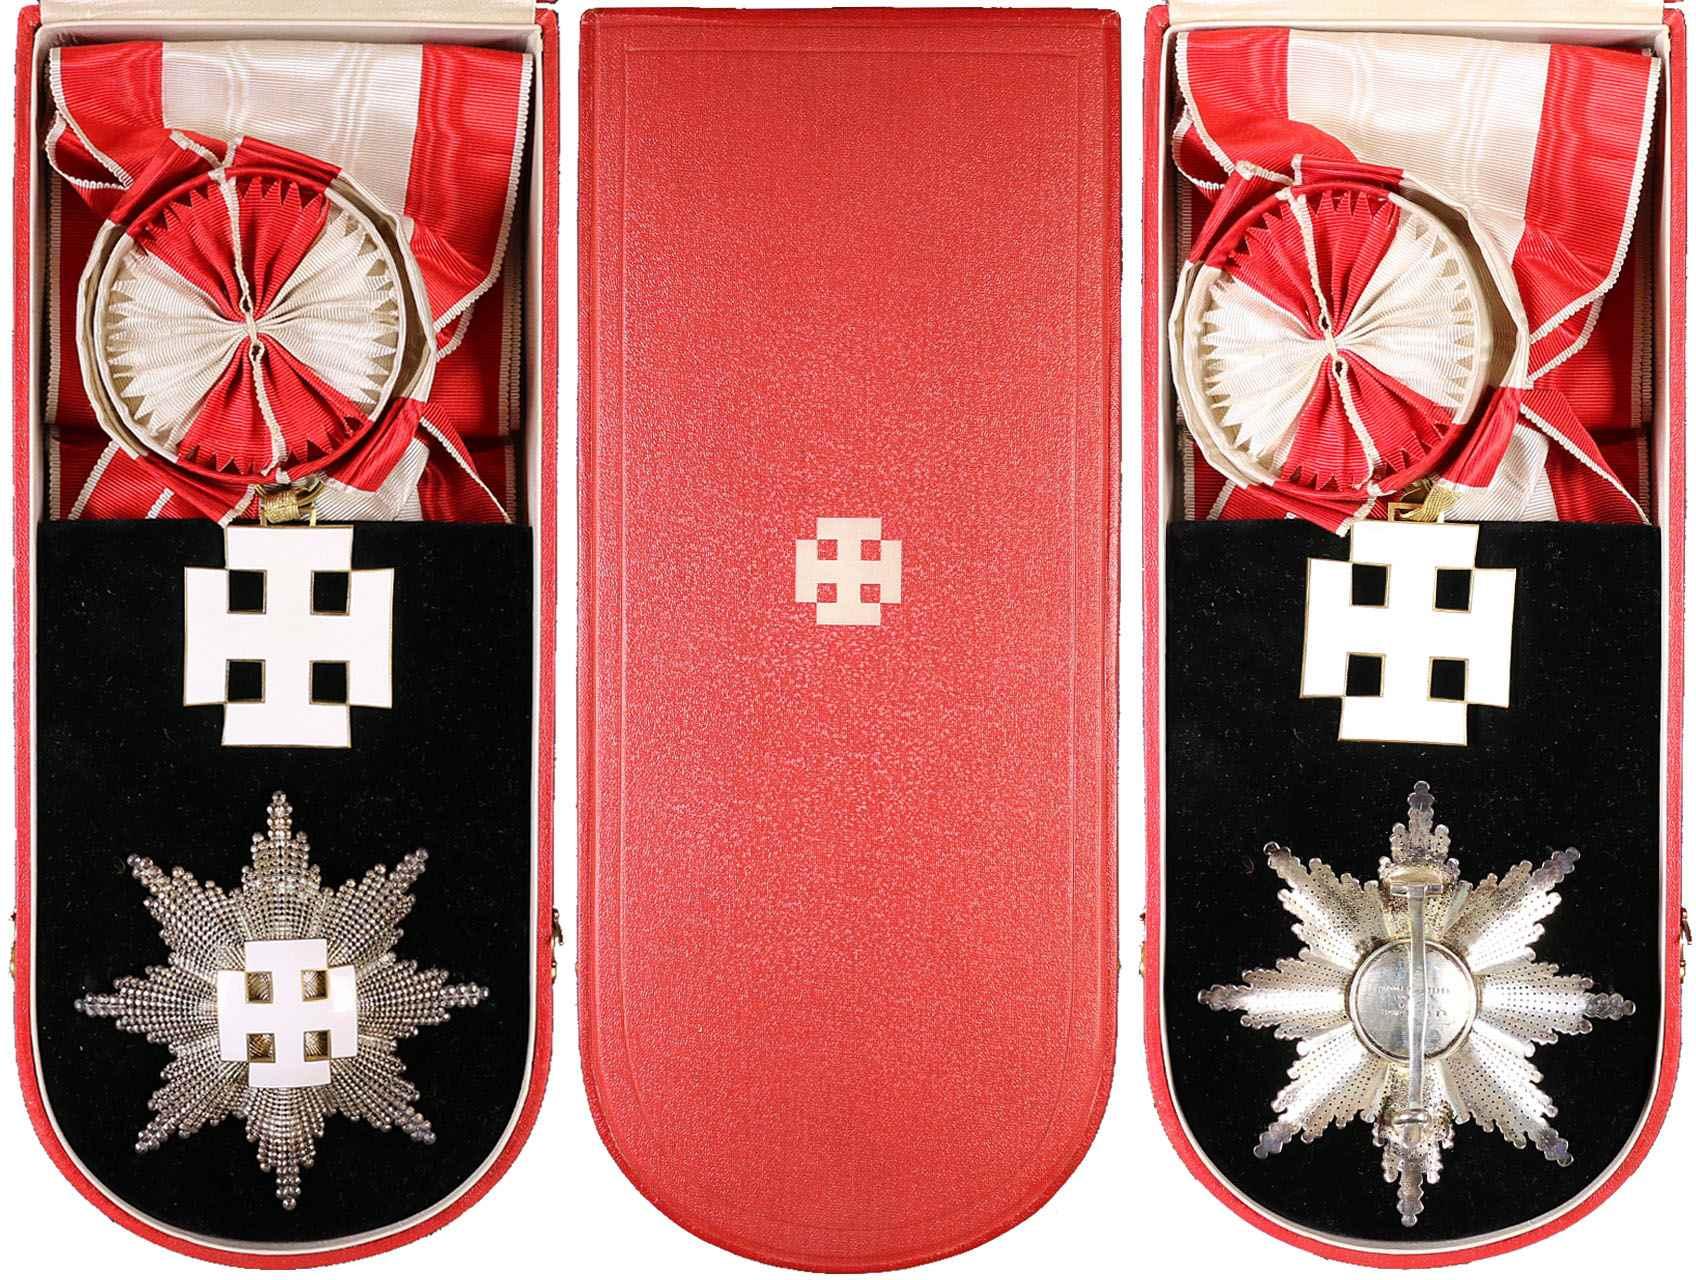 Záslužný řád Rakouské republiky, Velký čestný odznak na stuze s hvězdou, pozlacený a postříbřený bronz, smalty, výrobce Anton Reitterer Wien, původní etue, Marko 508, 509